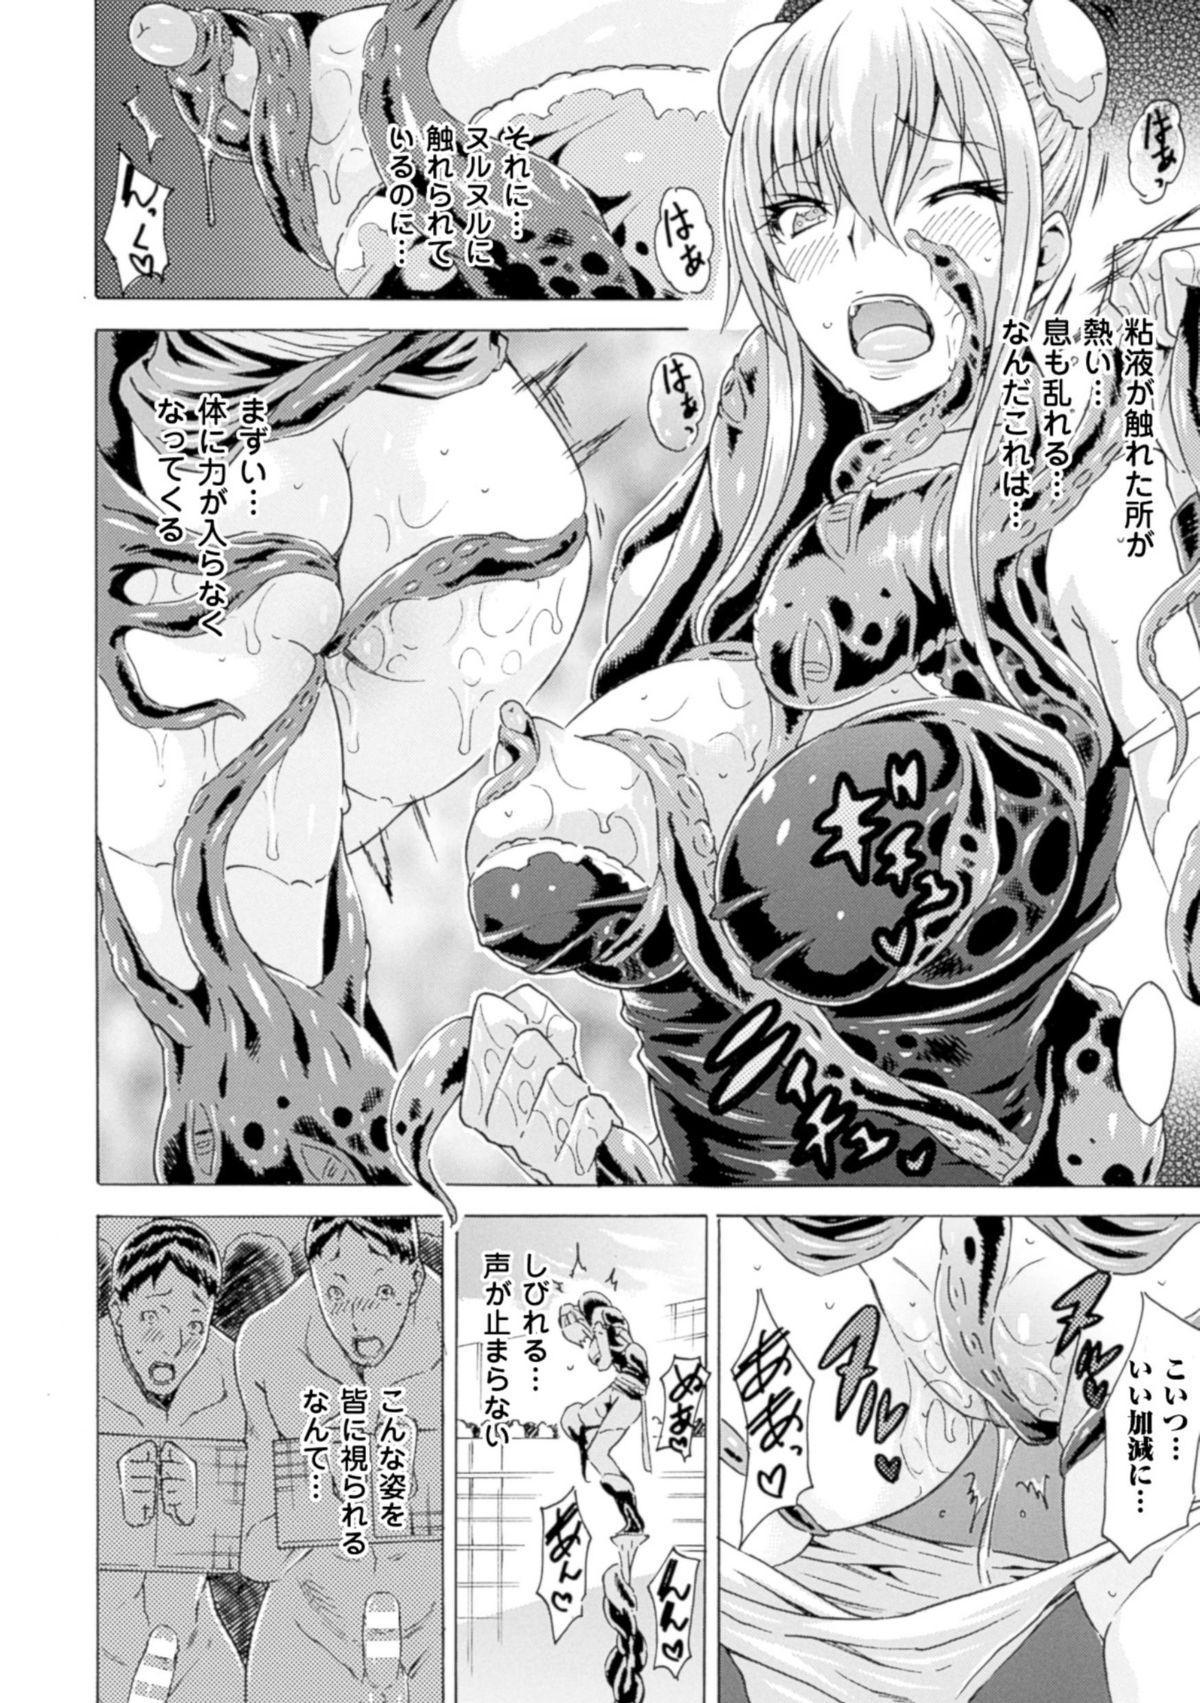 2D Comic Magazine Suisei Seibutsu ni Okasareru Heroine-tachi Vol. 1 11